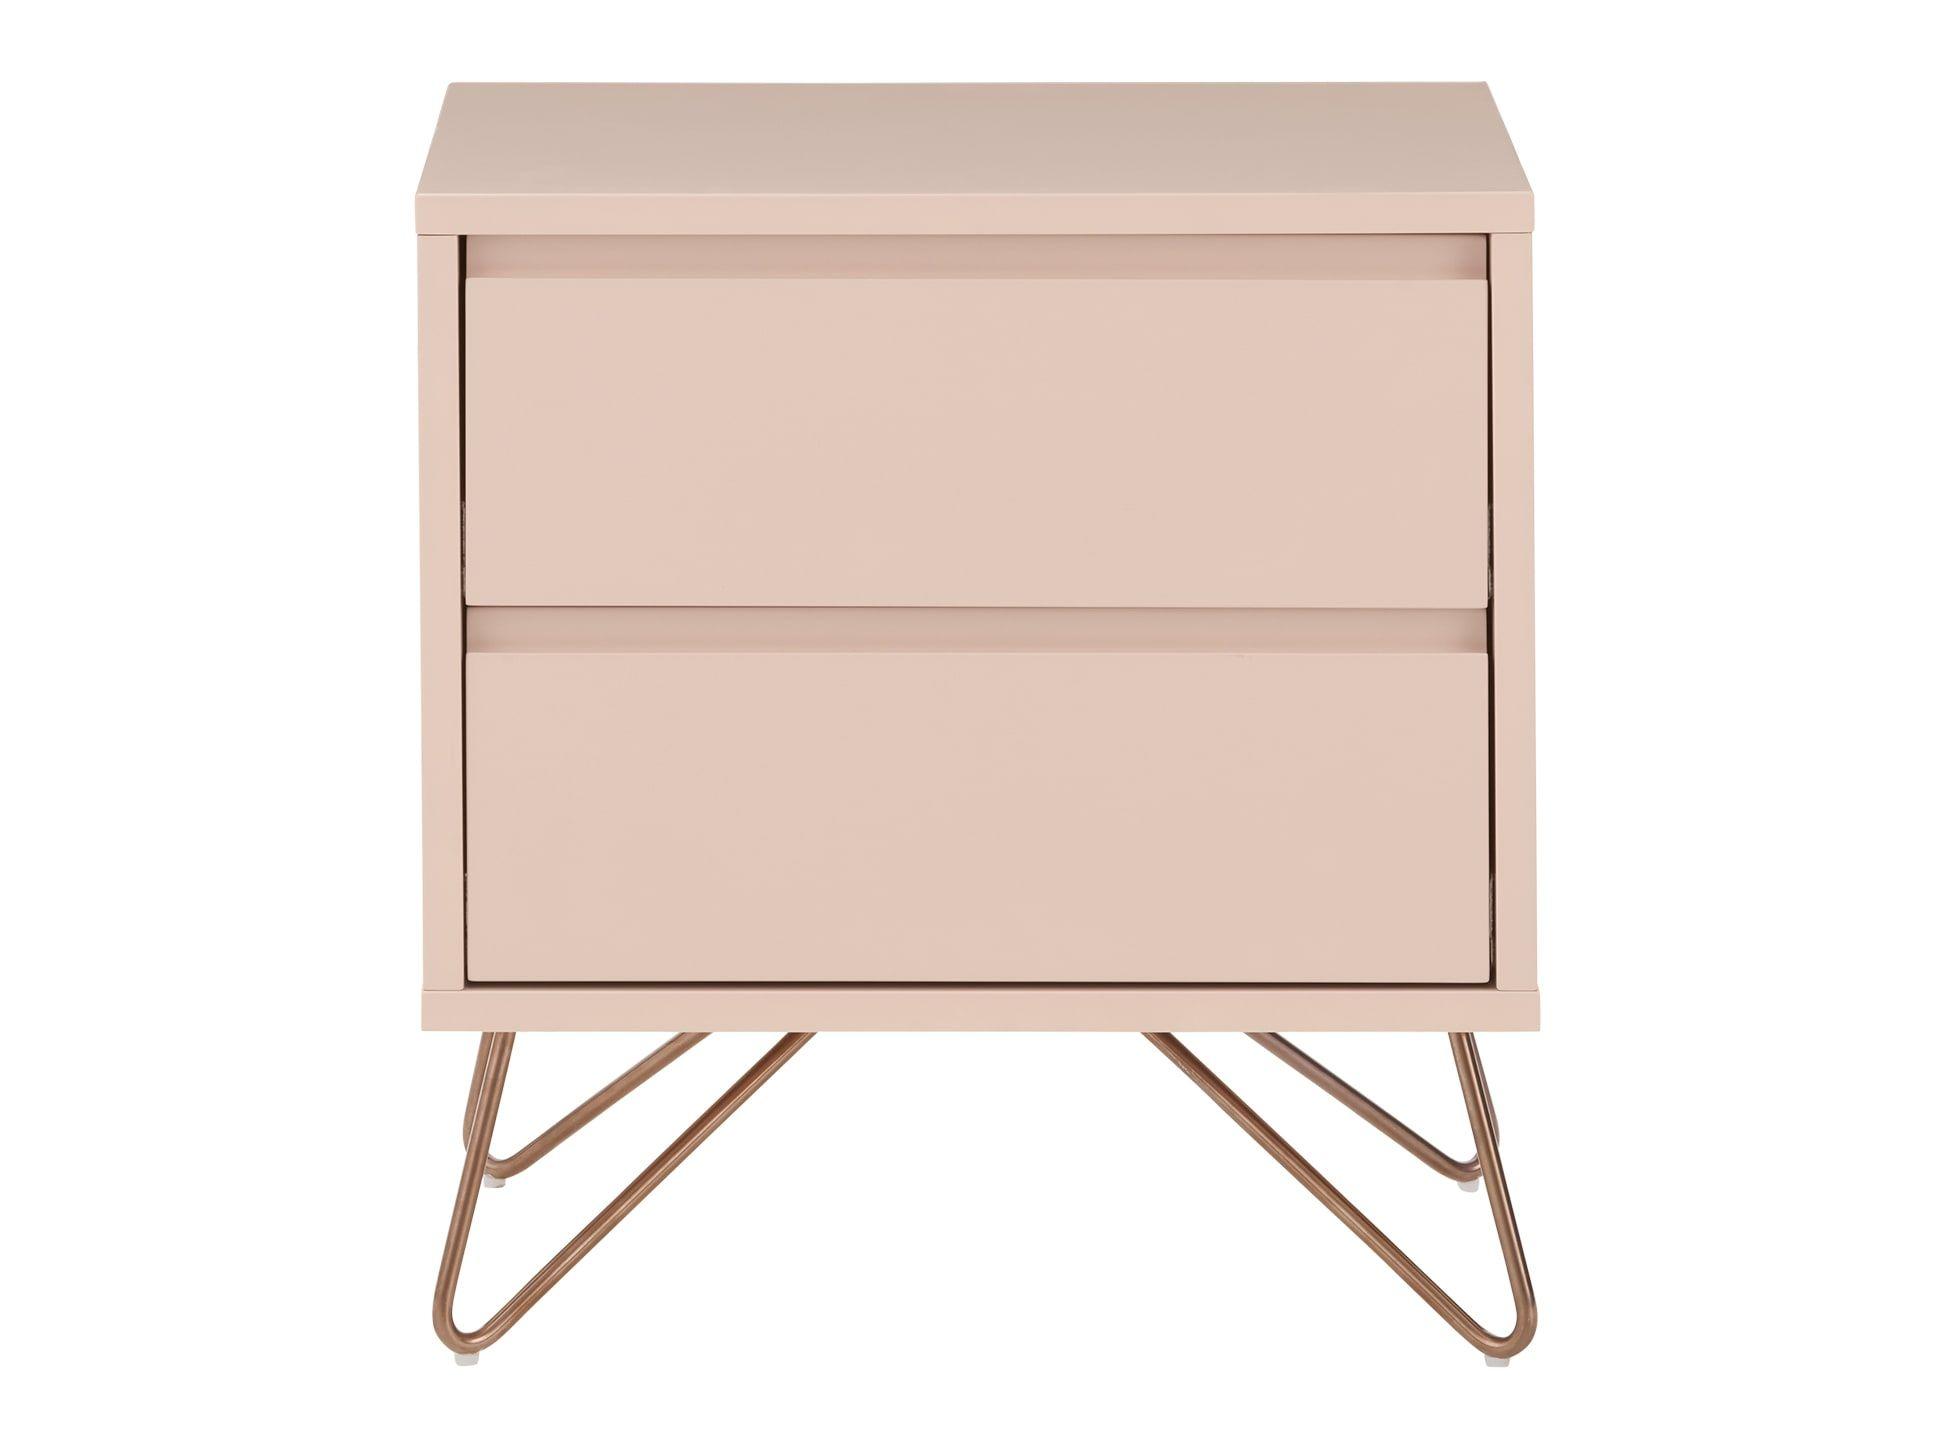 Elona Bedside Table Dusk Pink In 2020 Bedside Table Design Bedside Table Wide Chest Of Drawers